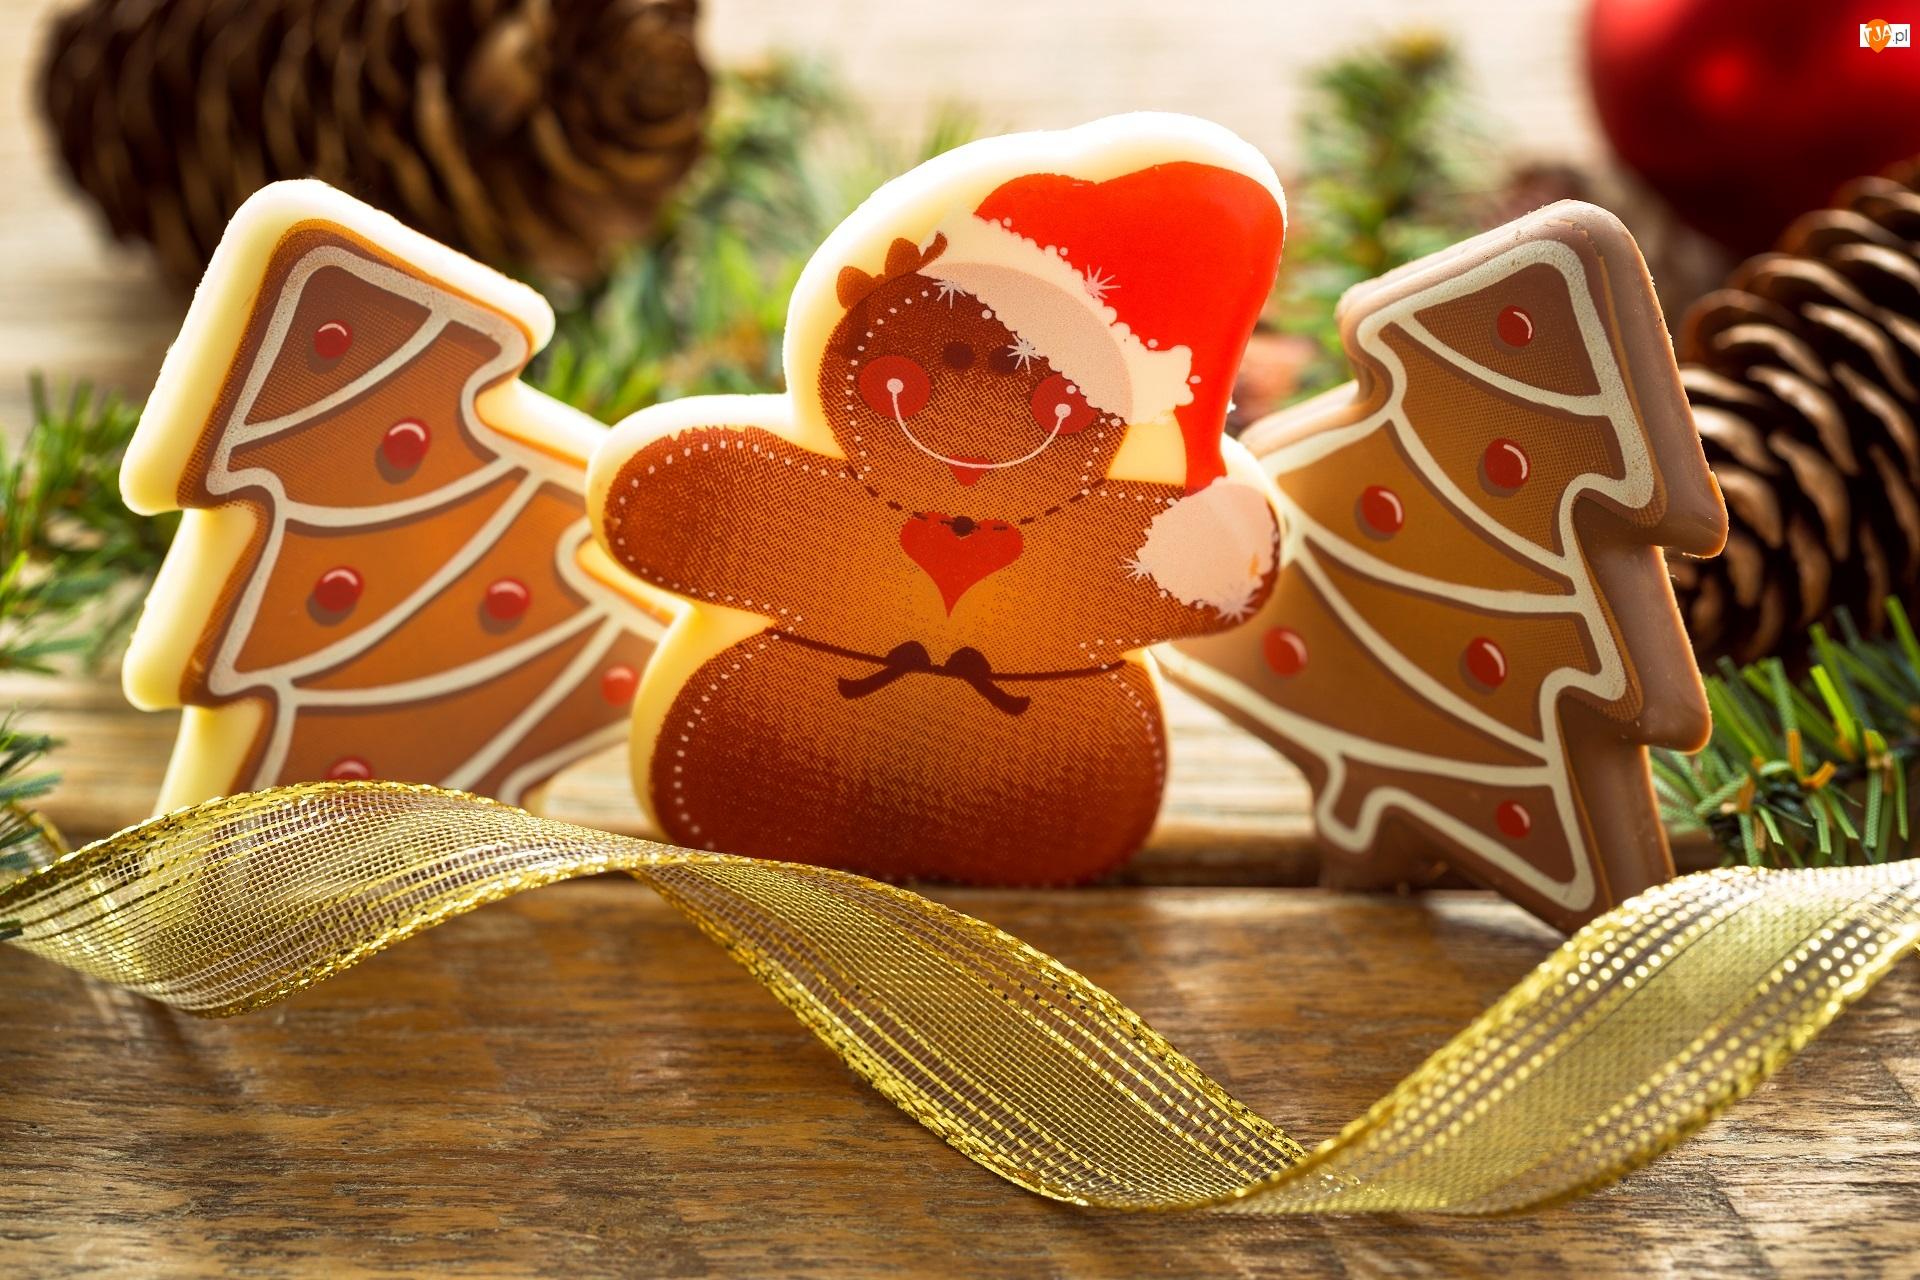 Boże Narodzenie, Bałwanek, Dekoracja, Pierniczki